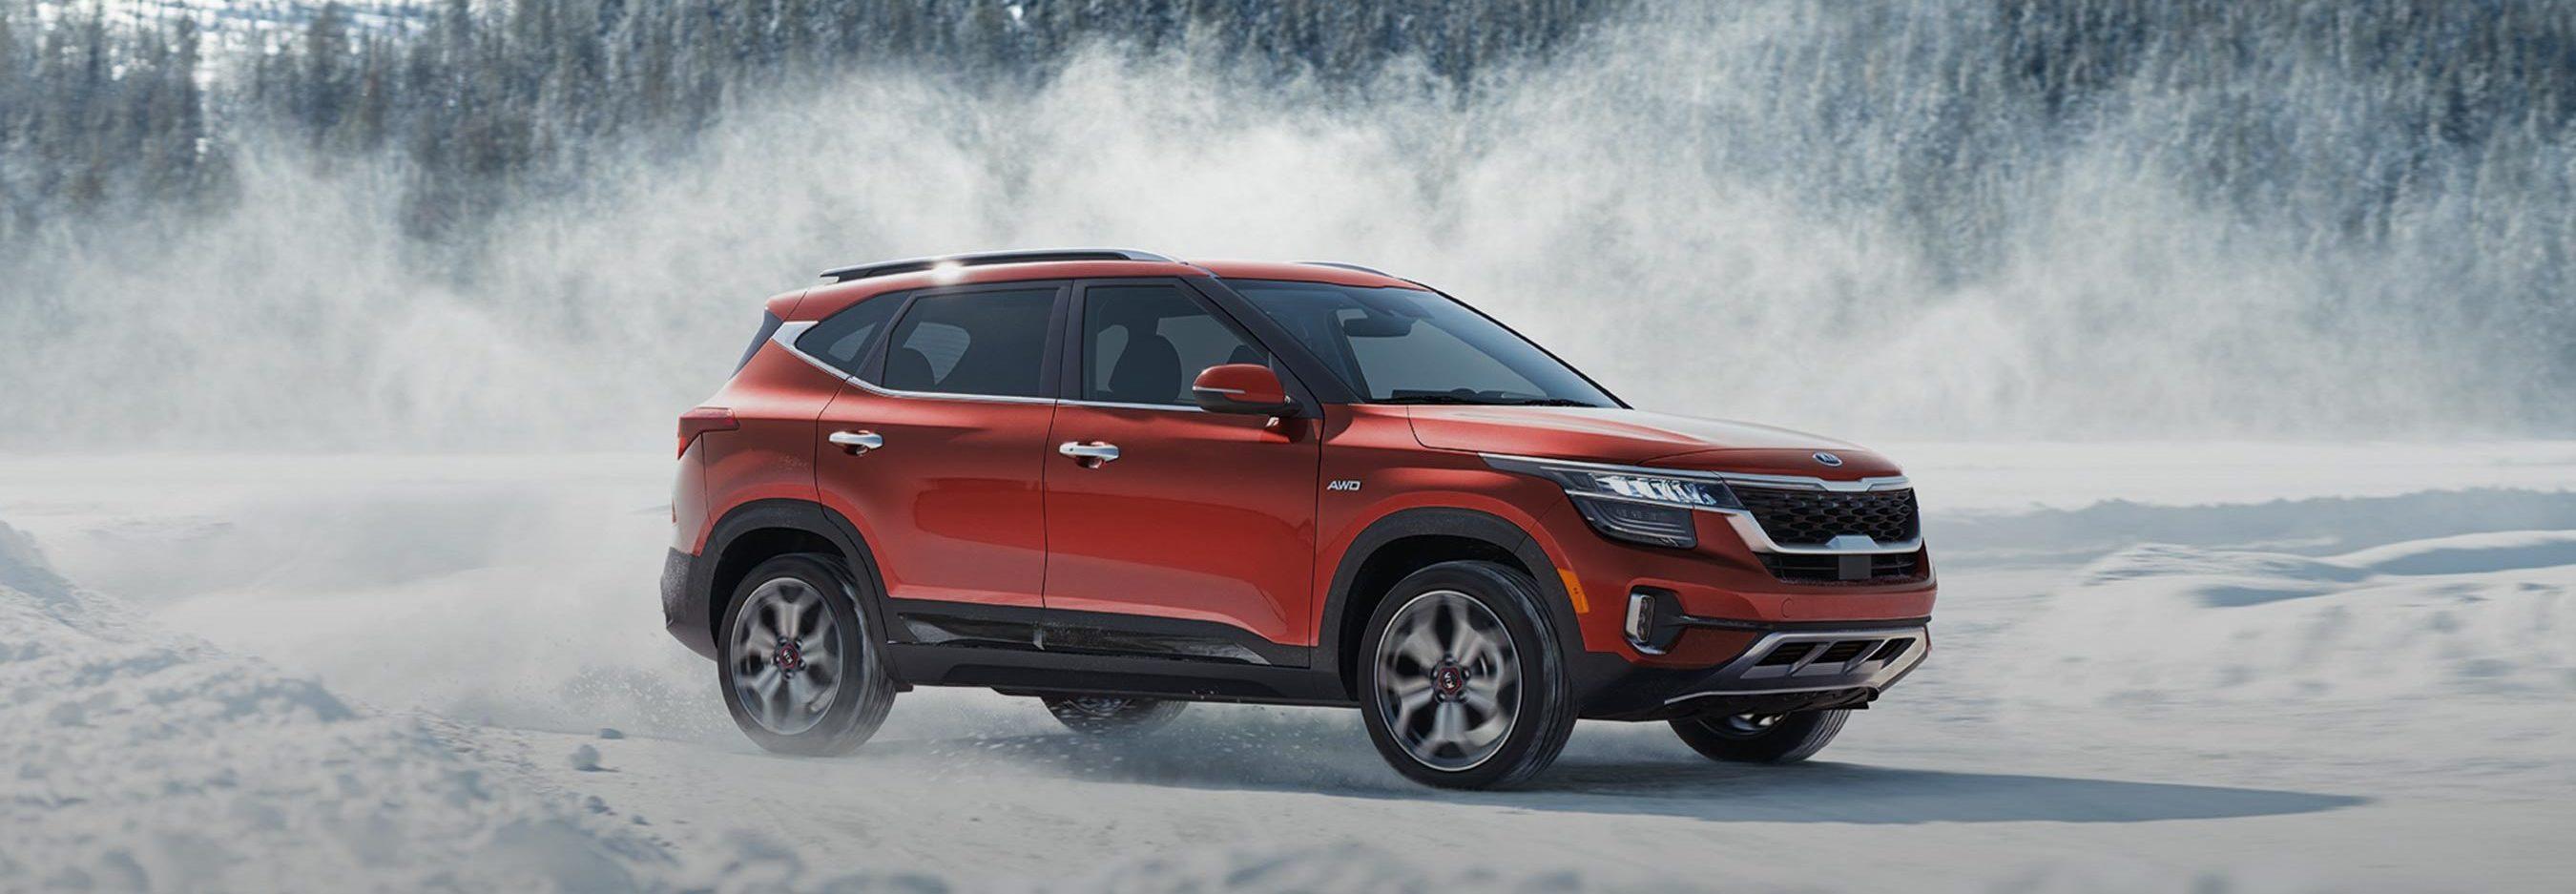 2021 Kia Seltos for Sale in Sandusky, OH